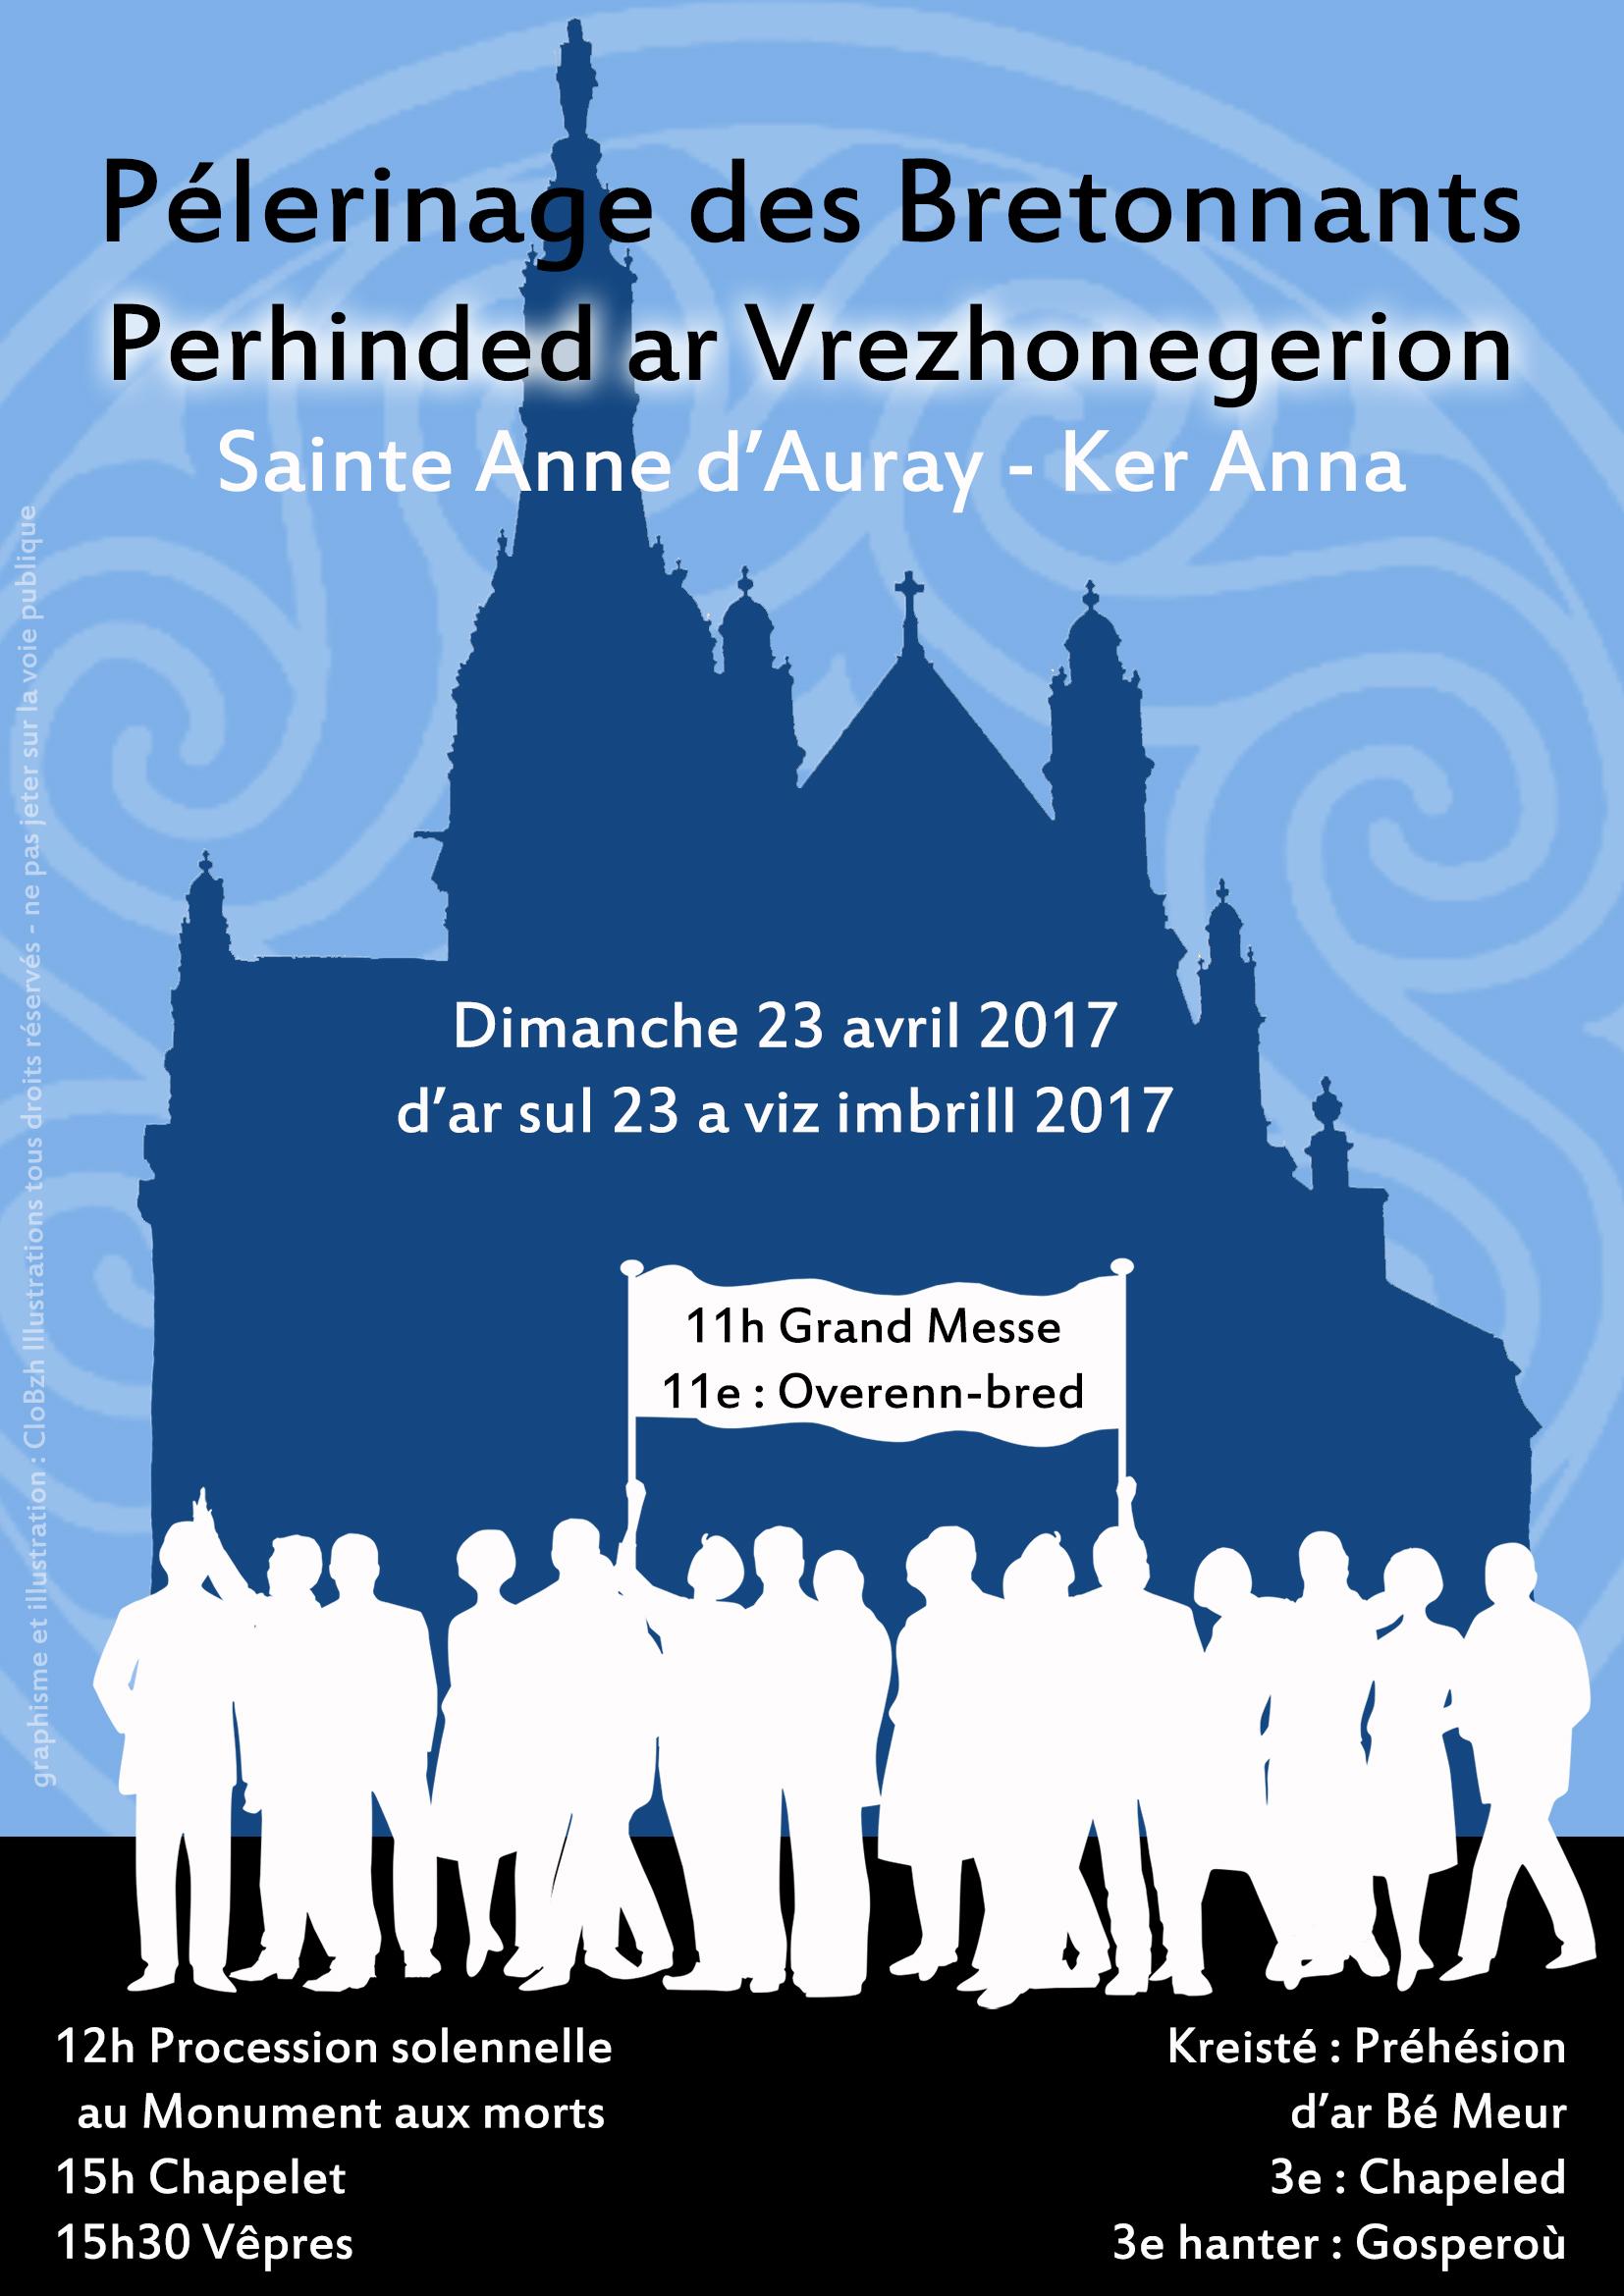 pélé des bretonnants (1)